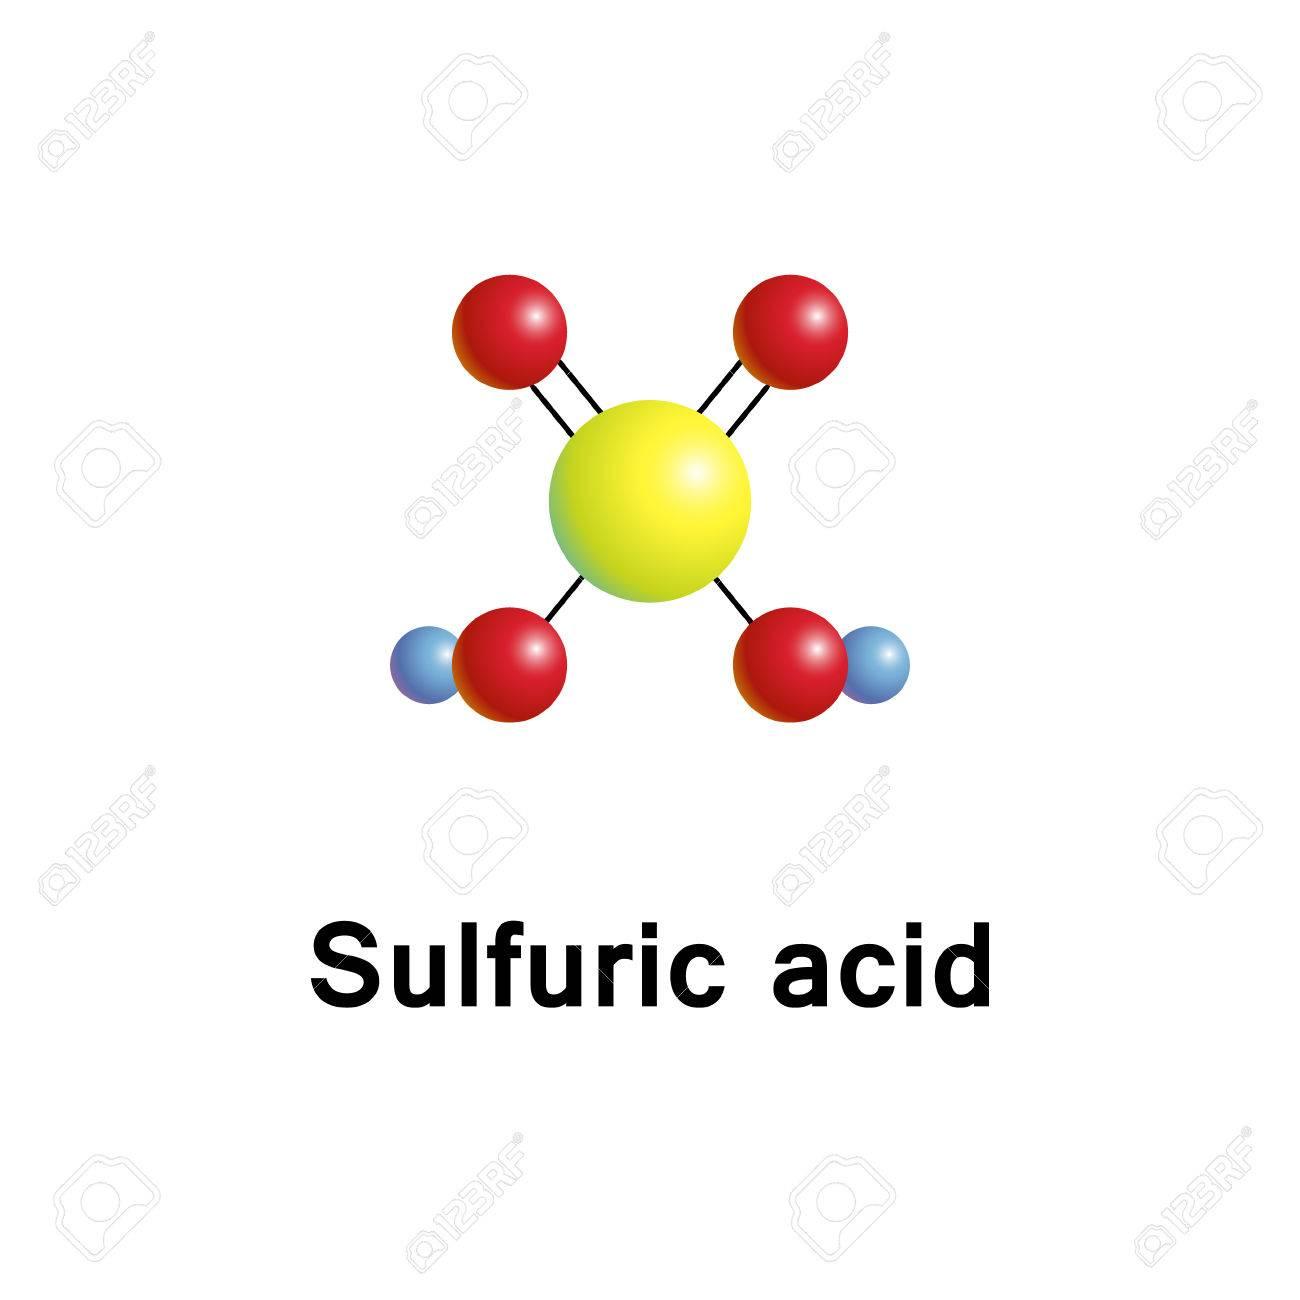 Cido Sulfúrico ácido Sulfúrico Es Un ácido Fuertemente Corrosivo ácido Mineral Con La Fórmula Molecular H2so4 Vector Estructura Molecular 3d